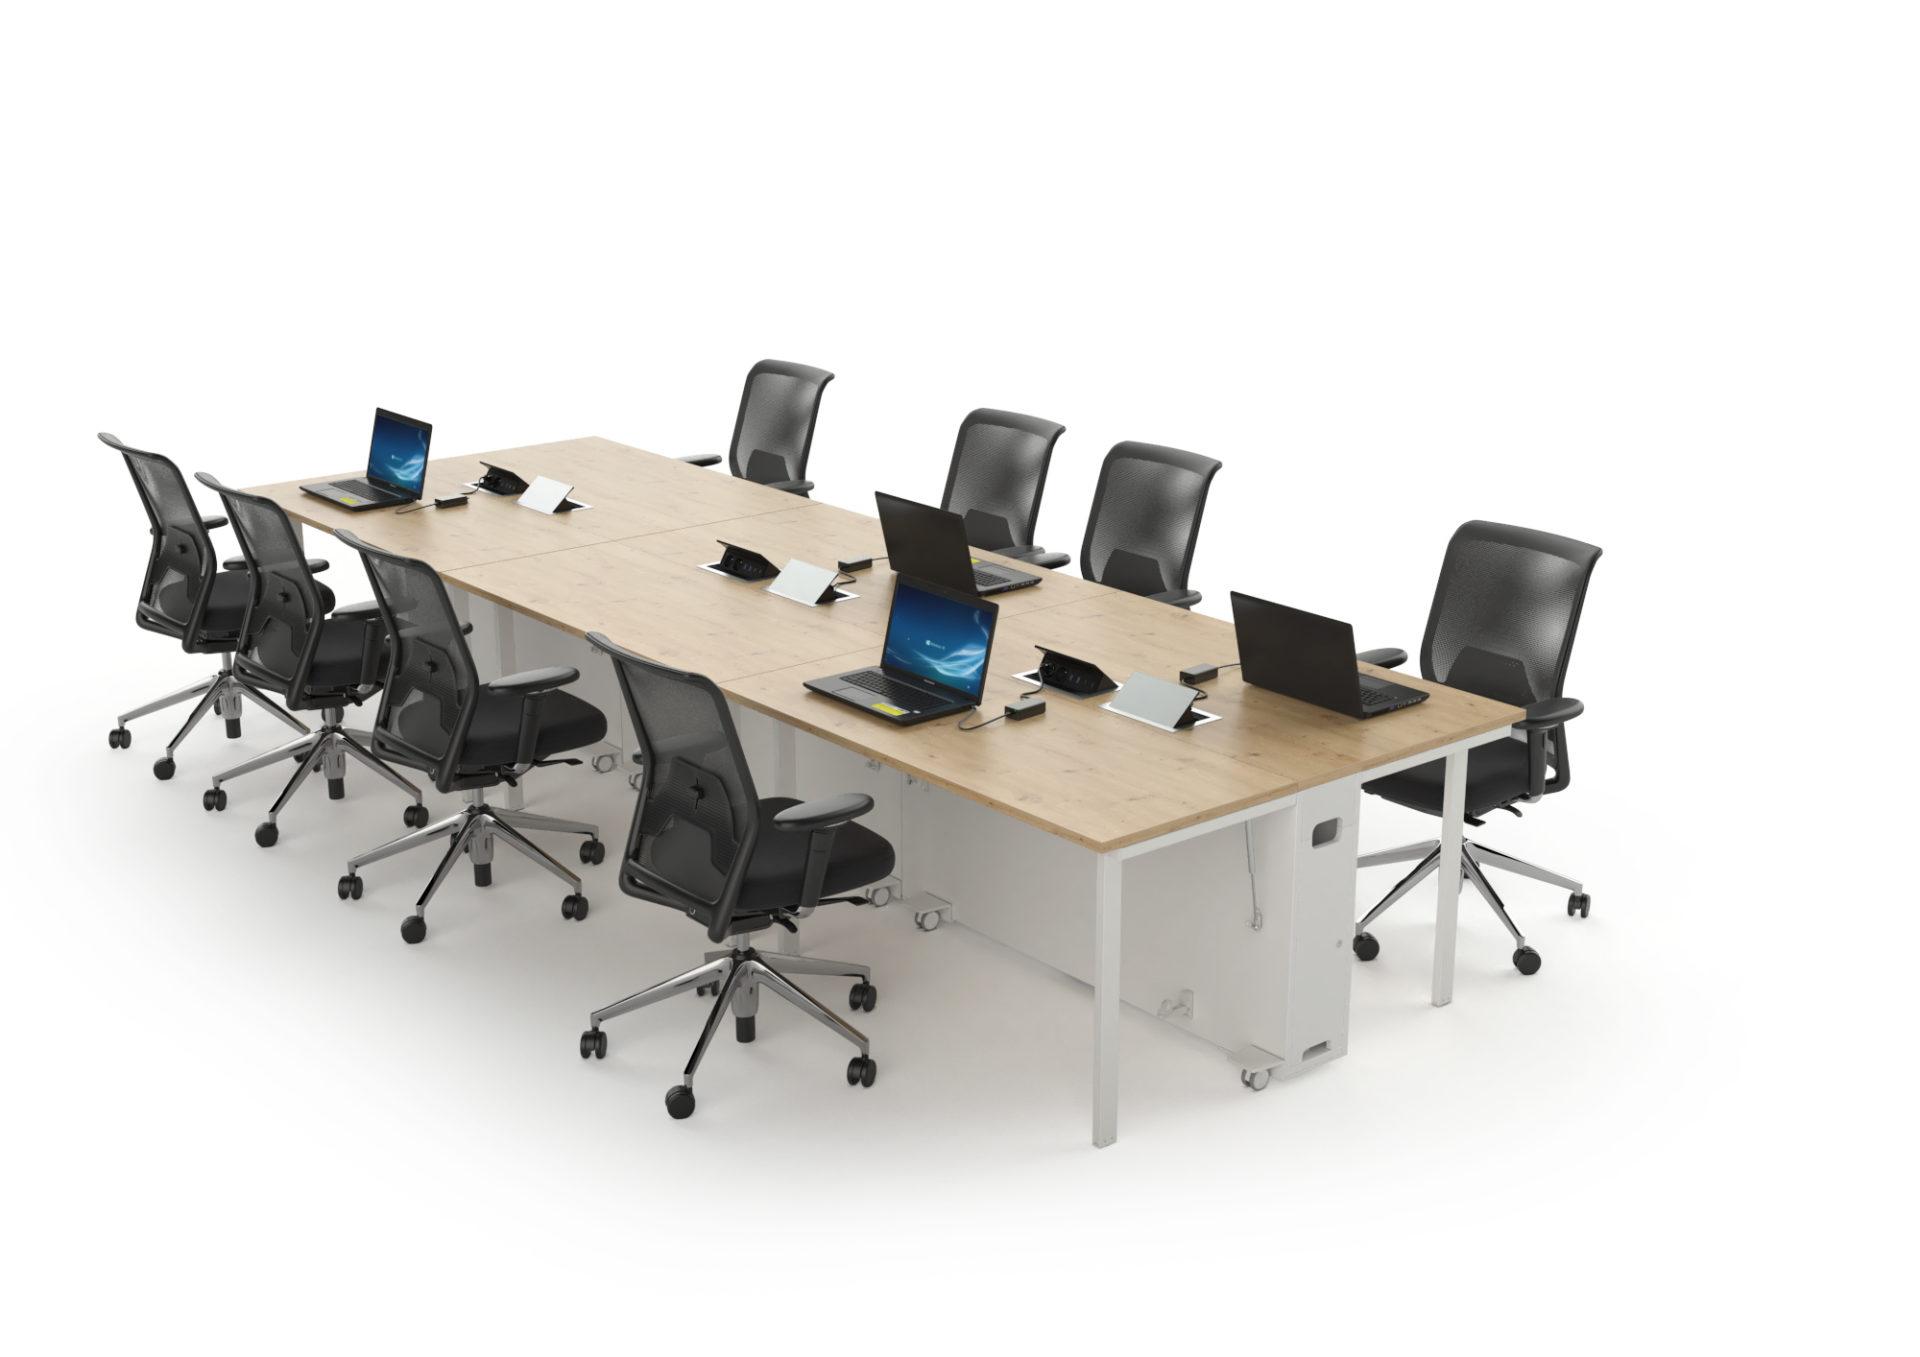 Table de réunion formée à partir de postes de travail mobiles